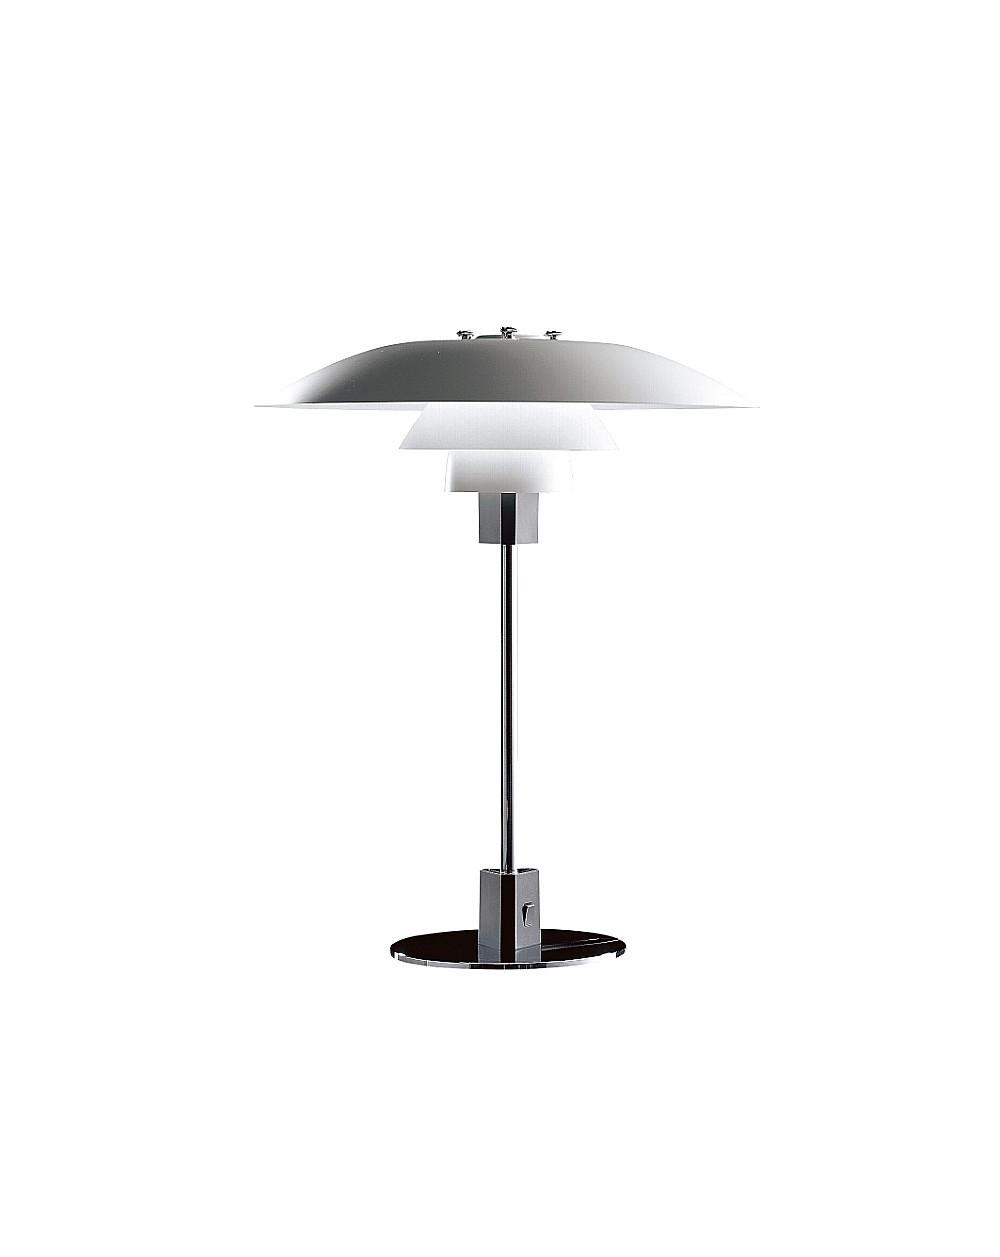 PH 4-3 LAMPE DE TABLE Louis Poulsen